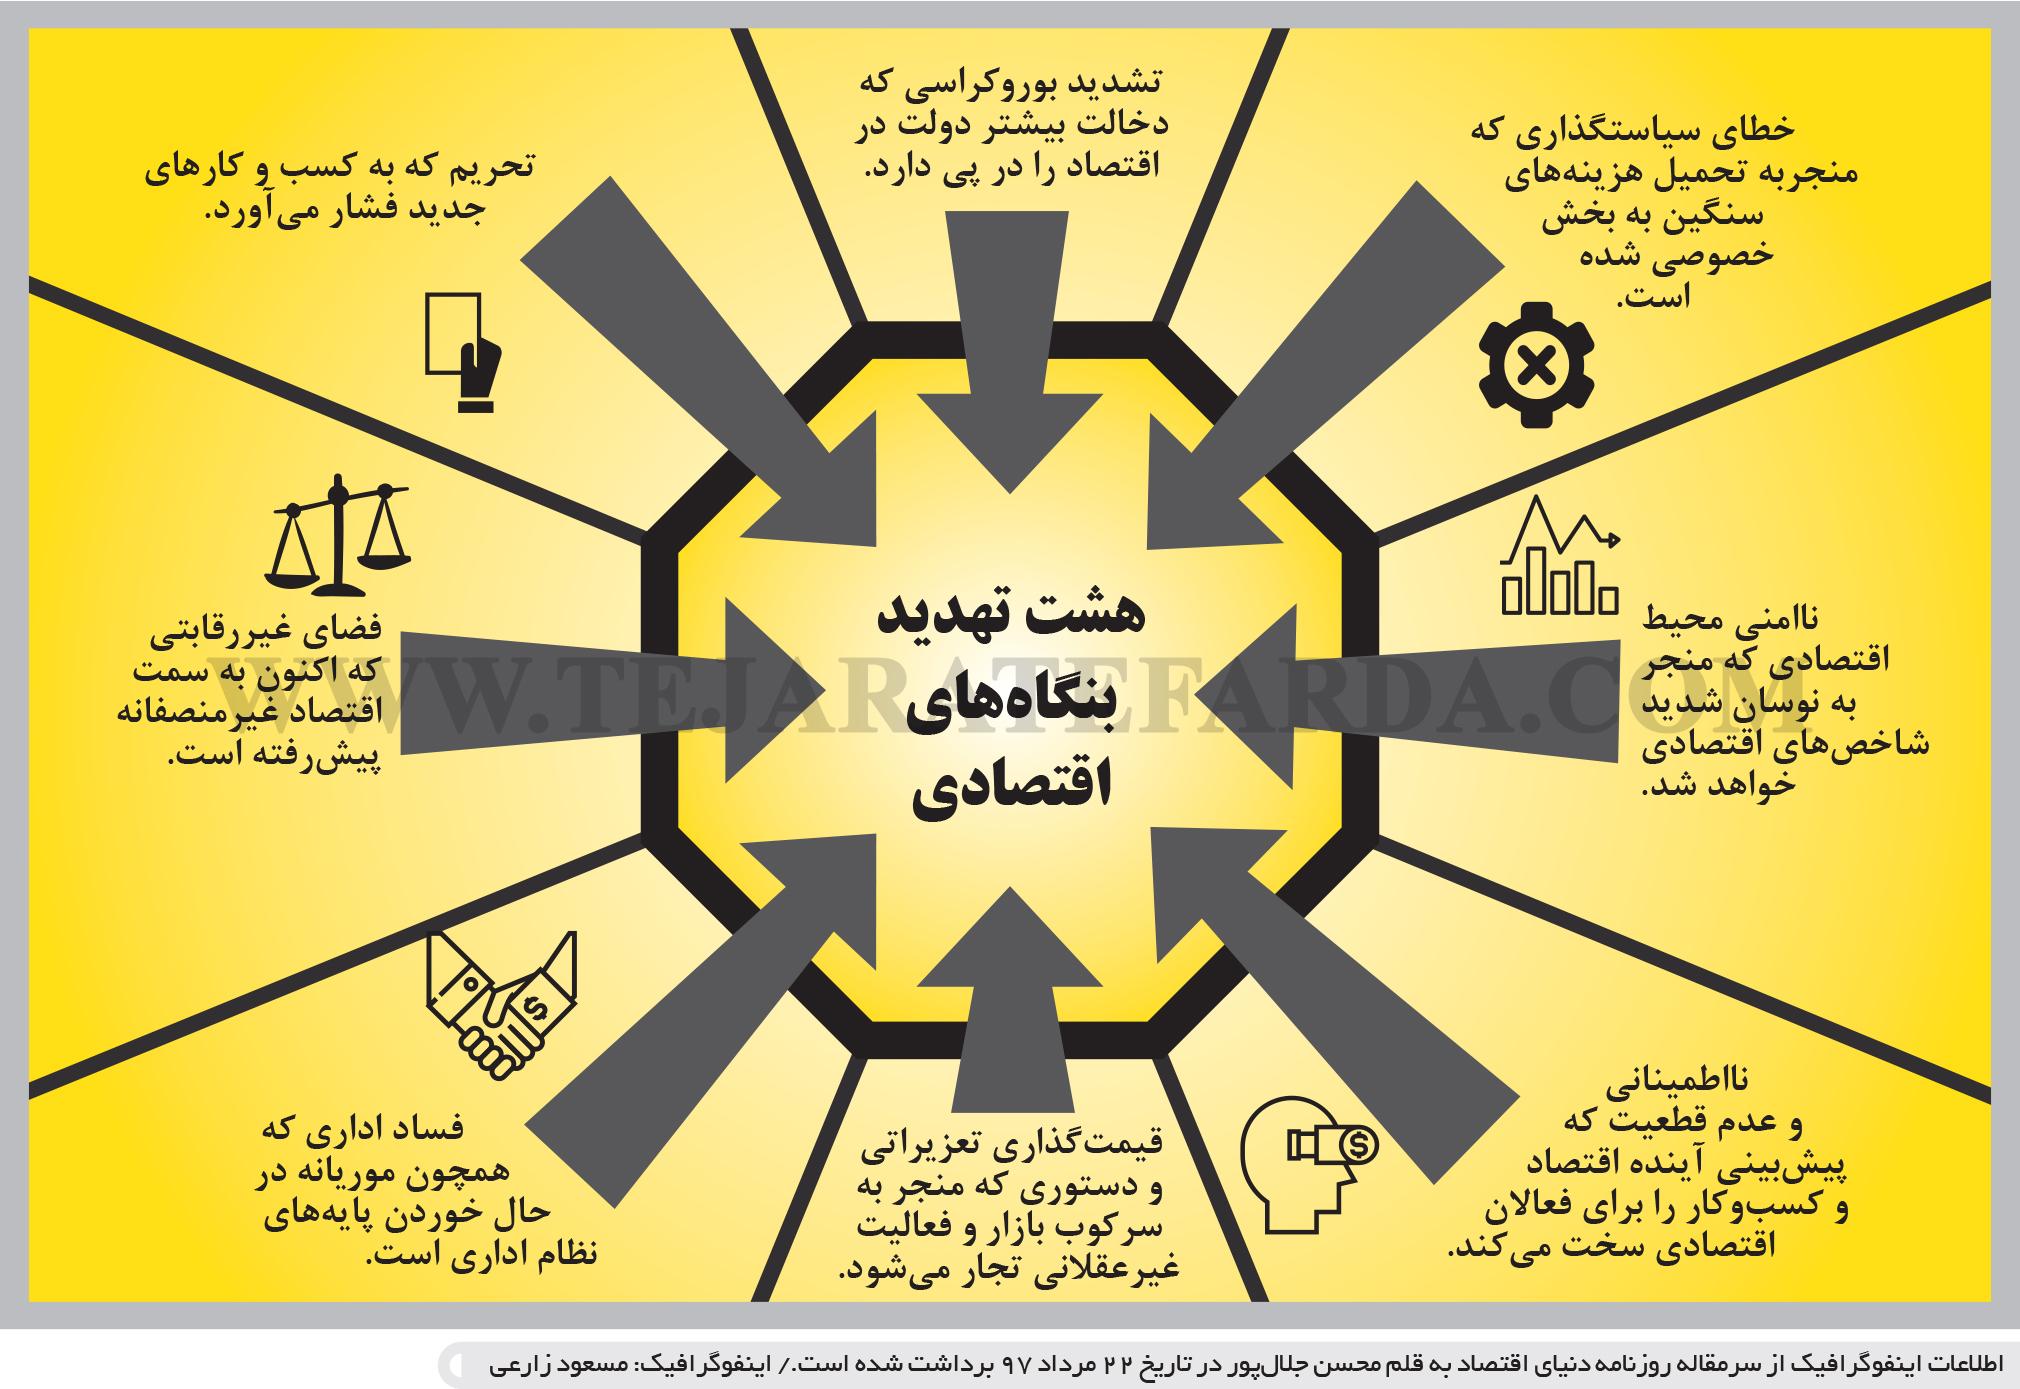 تجارت- فردا- هشت تهدید بنگاههای اقتصادی(اینفوگرافیک)